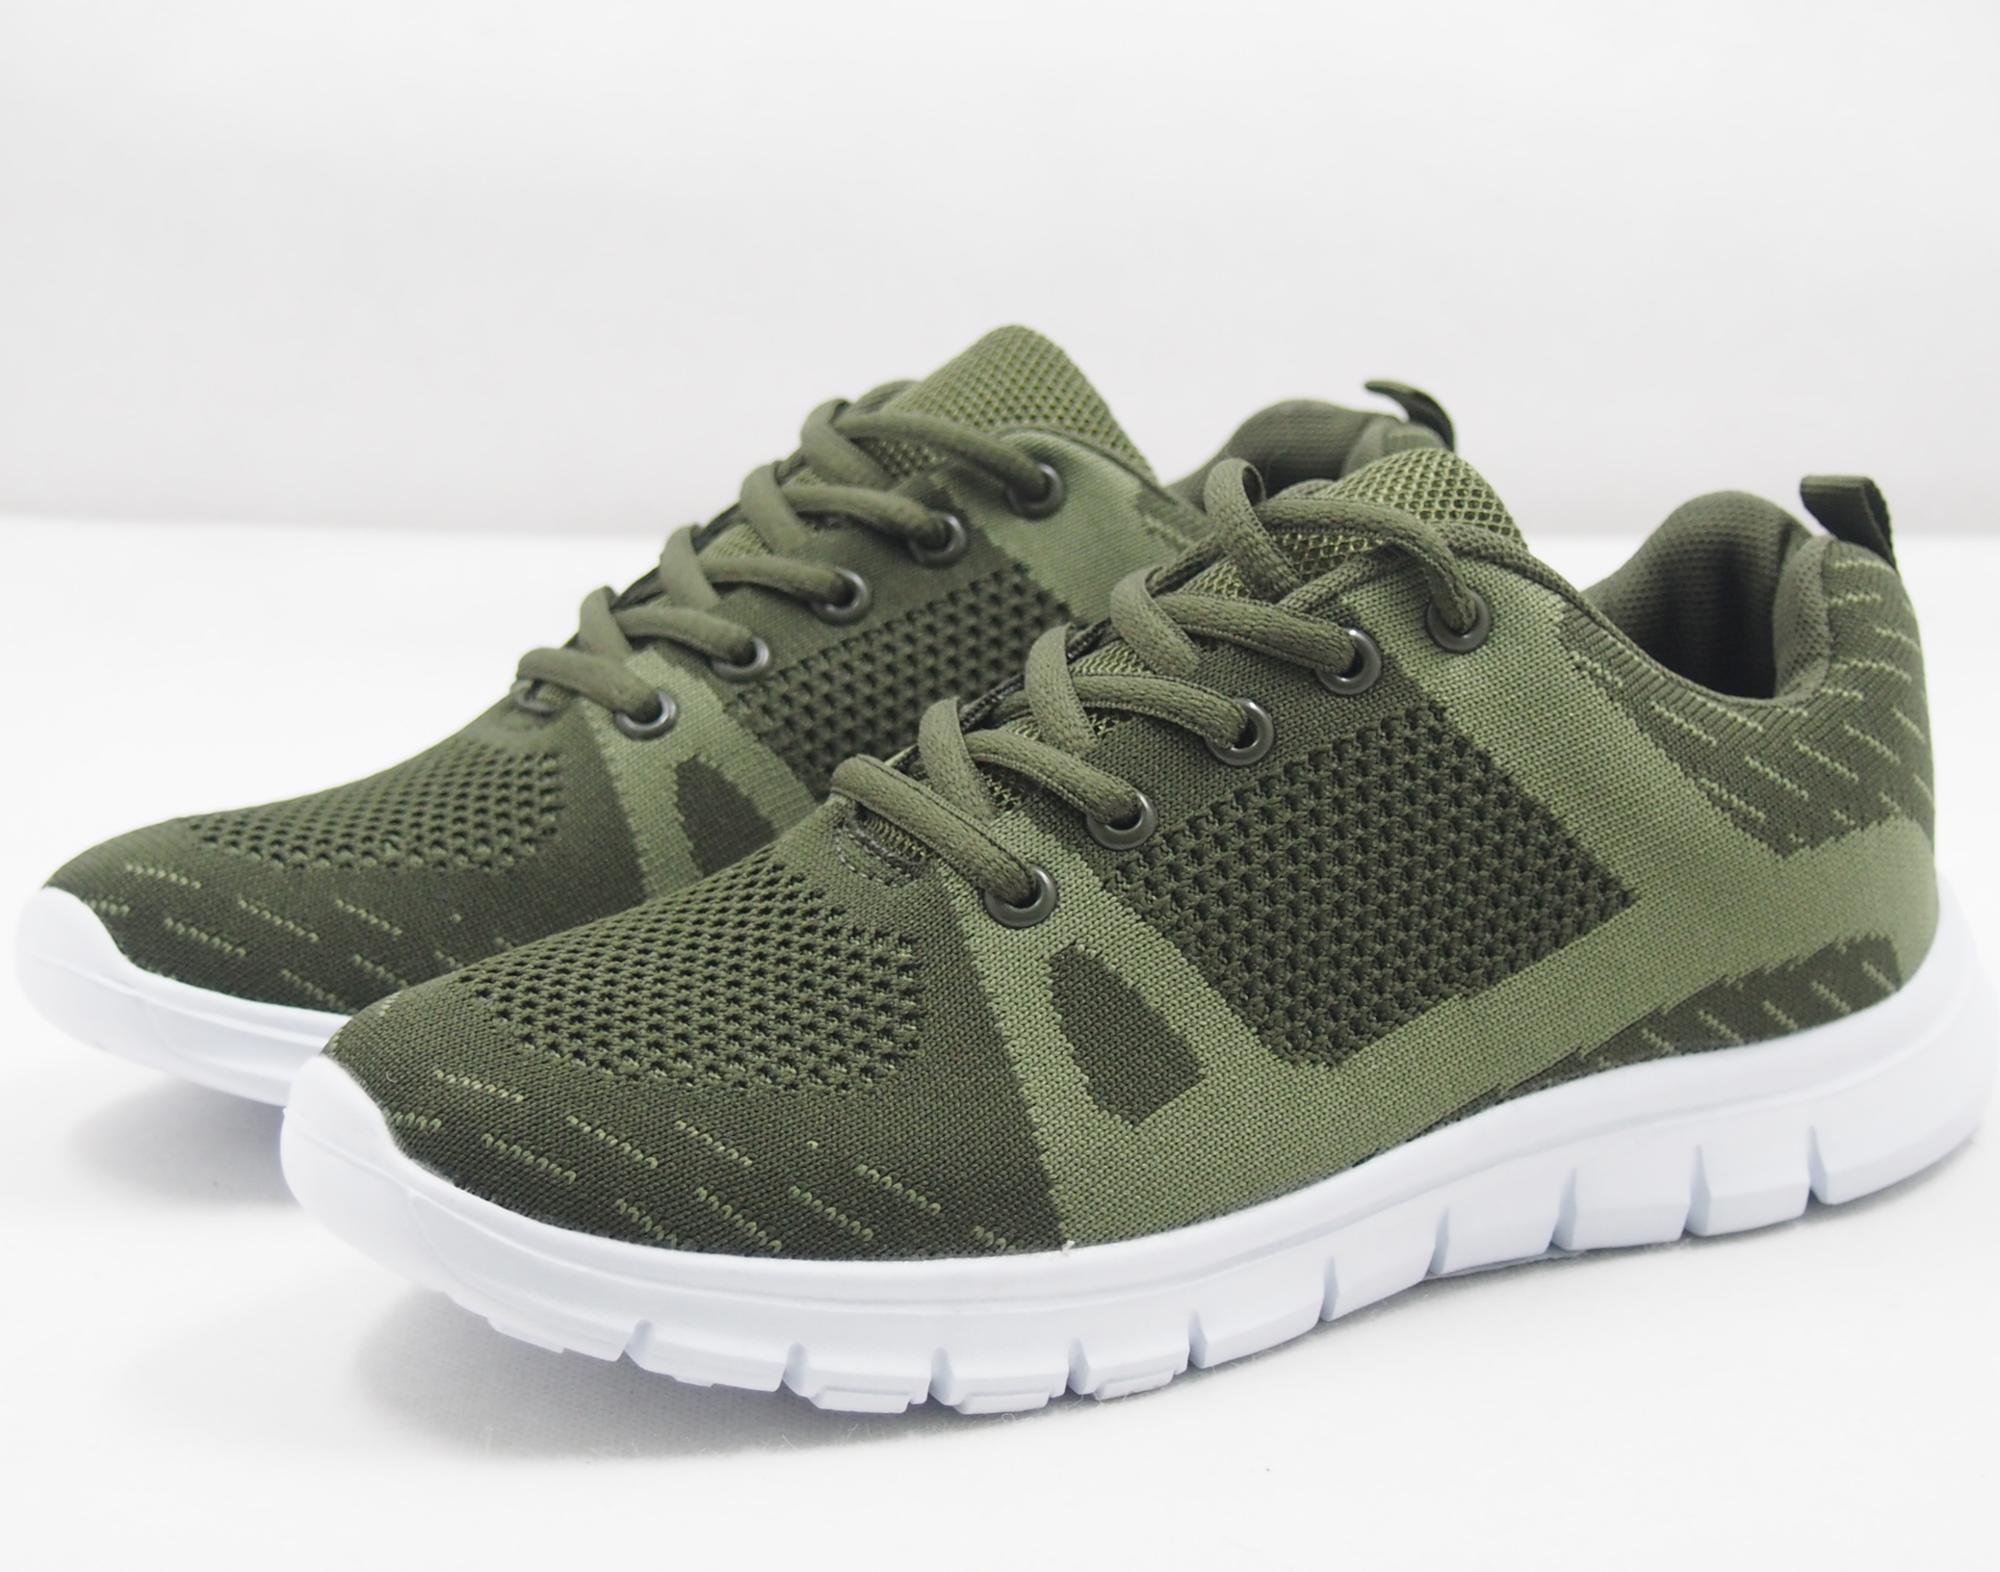 65a0e58d7e8f8 مصادر شركات تصنيع الأحذية الرياضية الرخيصة والأحذية الرياضية الرخيصة في  Alibaba.com